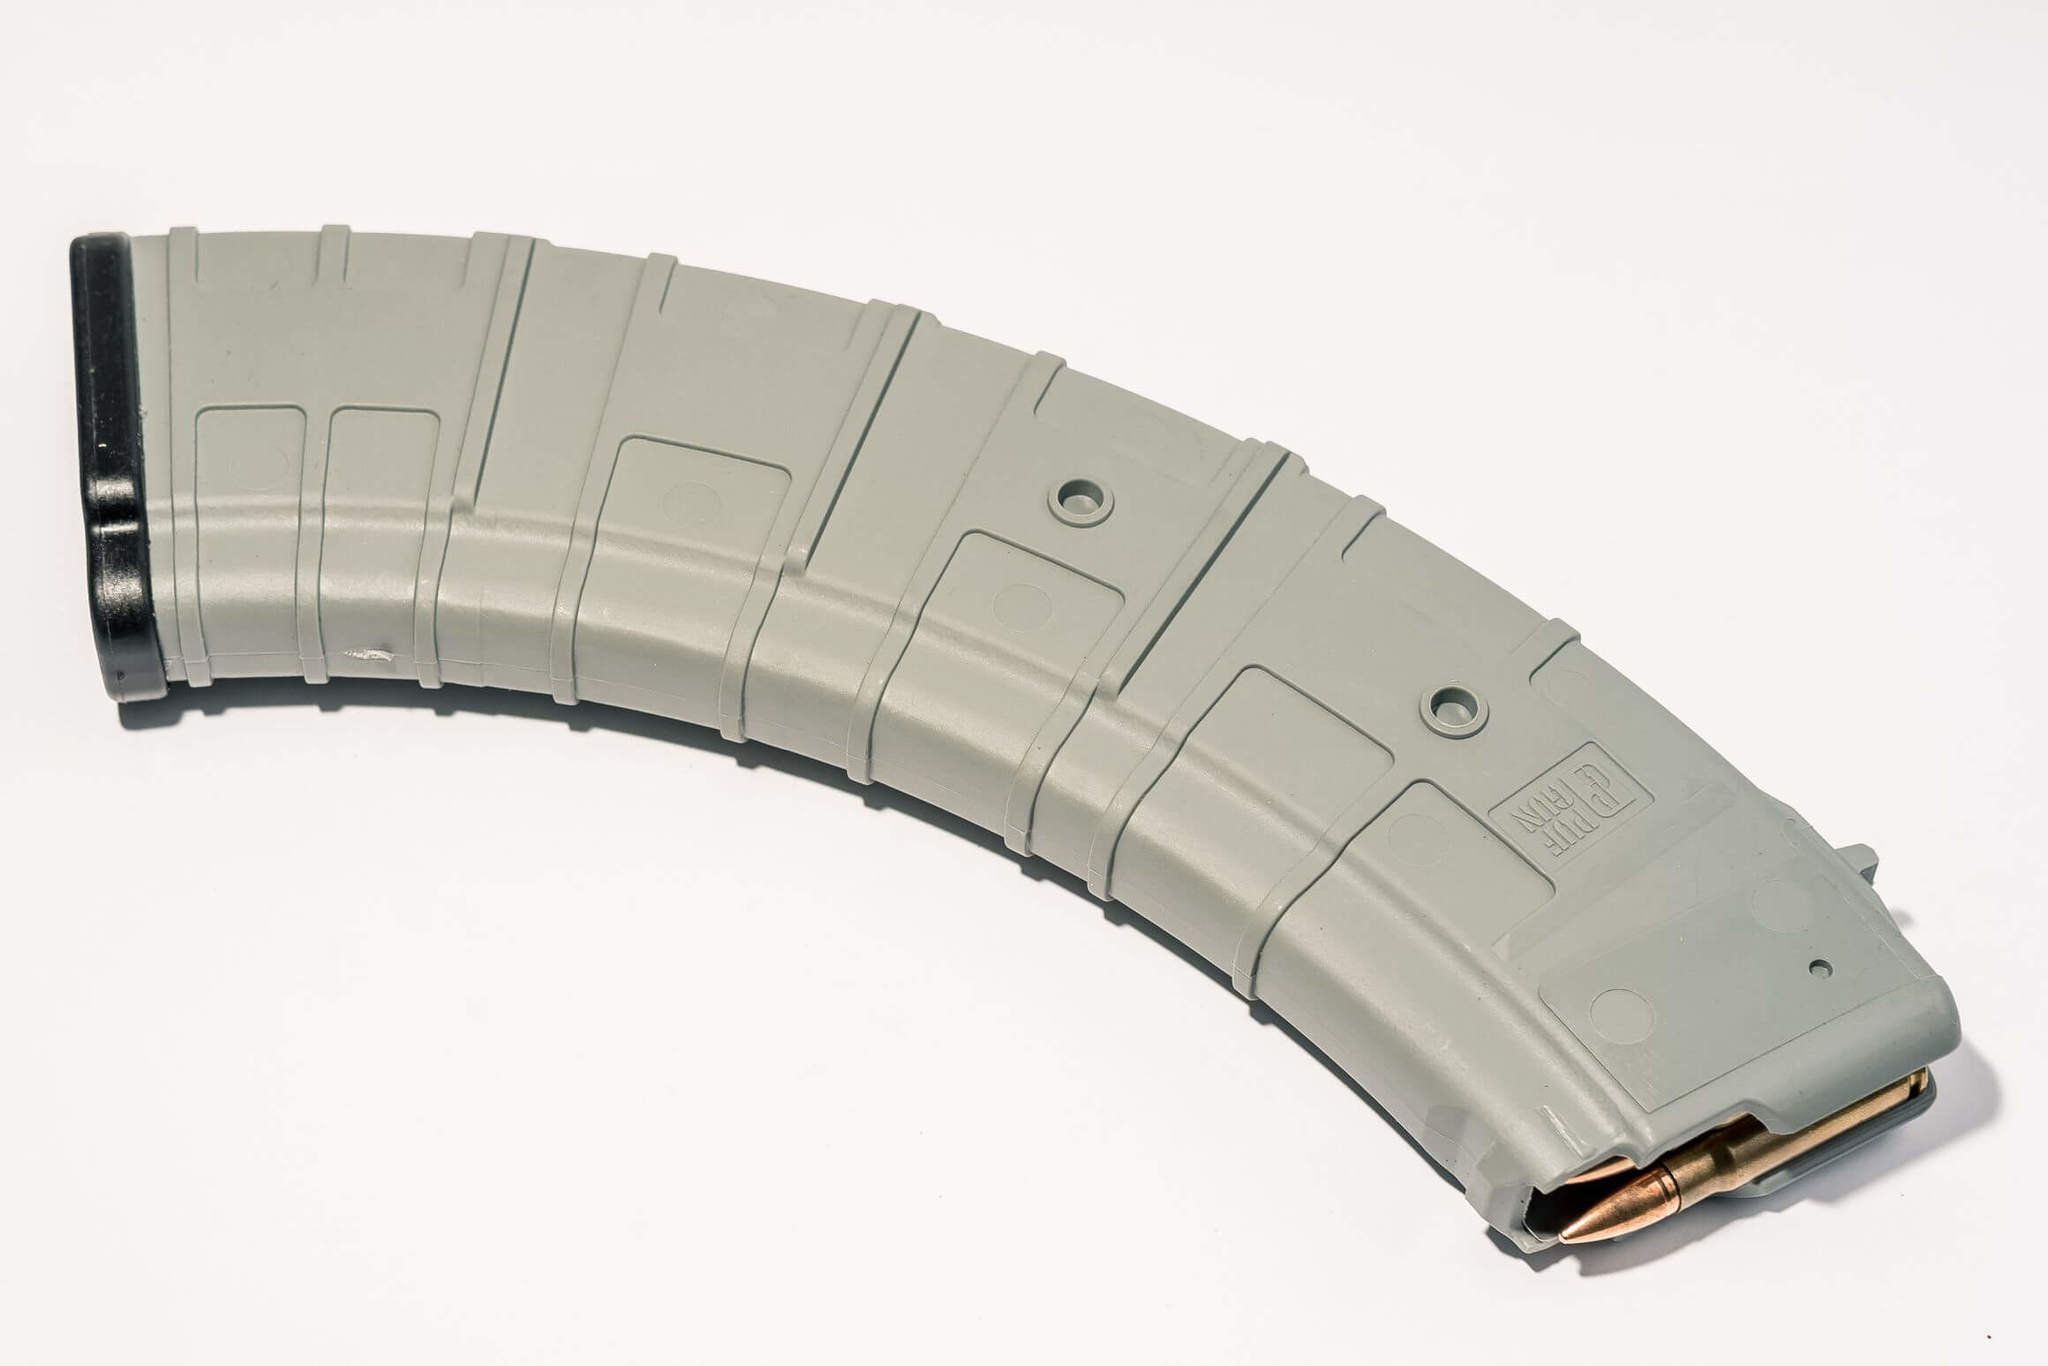 Магазин Pufgun для АКМ 7.62x39 ВПО-136 ВПО-209 на 40 патронов, серый